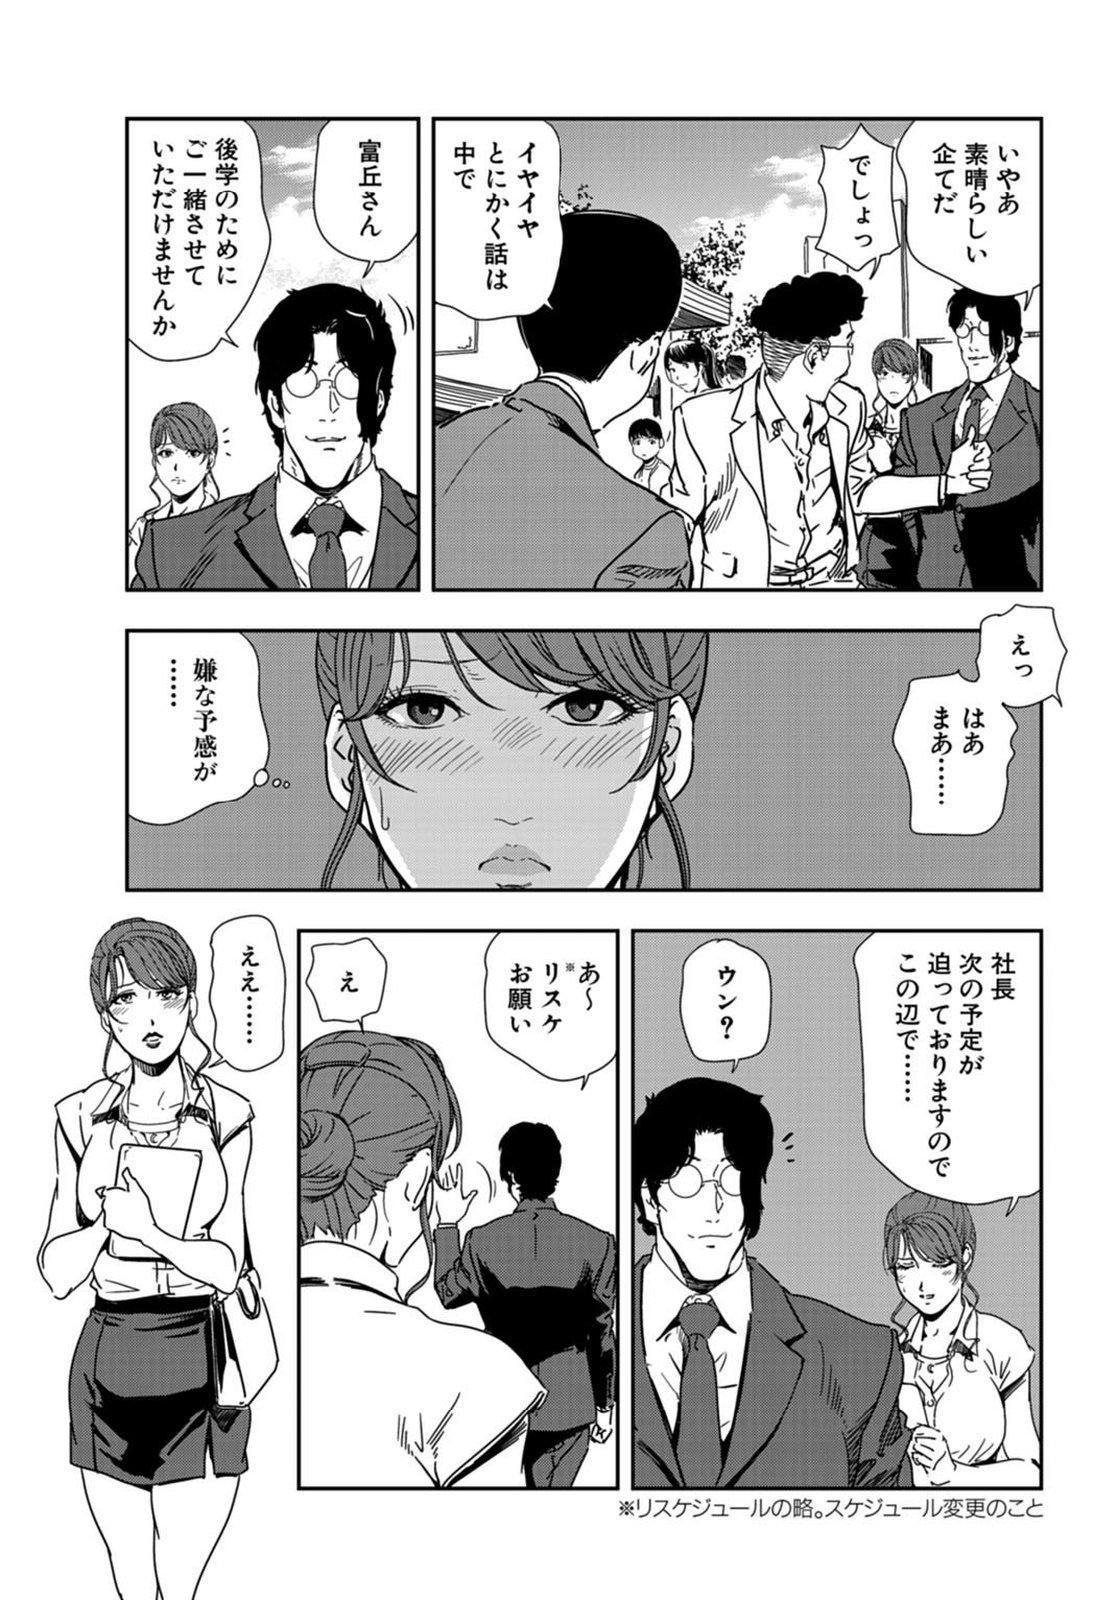 Nikuhisyo Yukiko 21 6